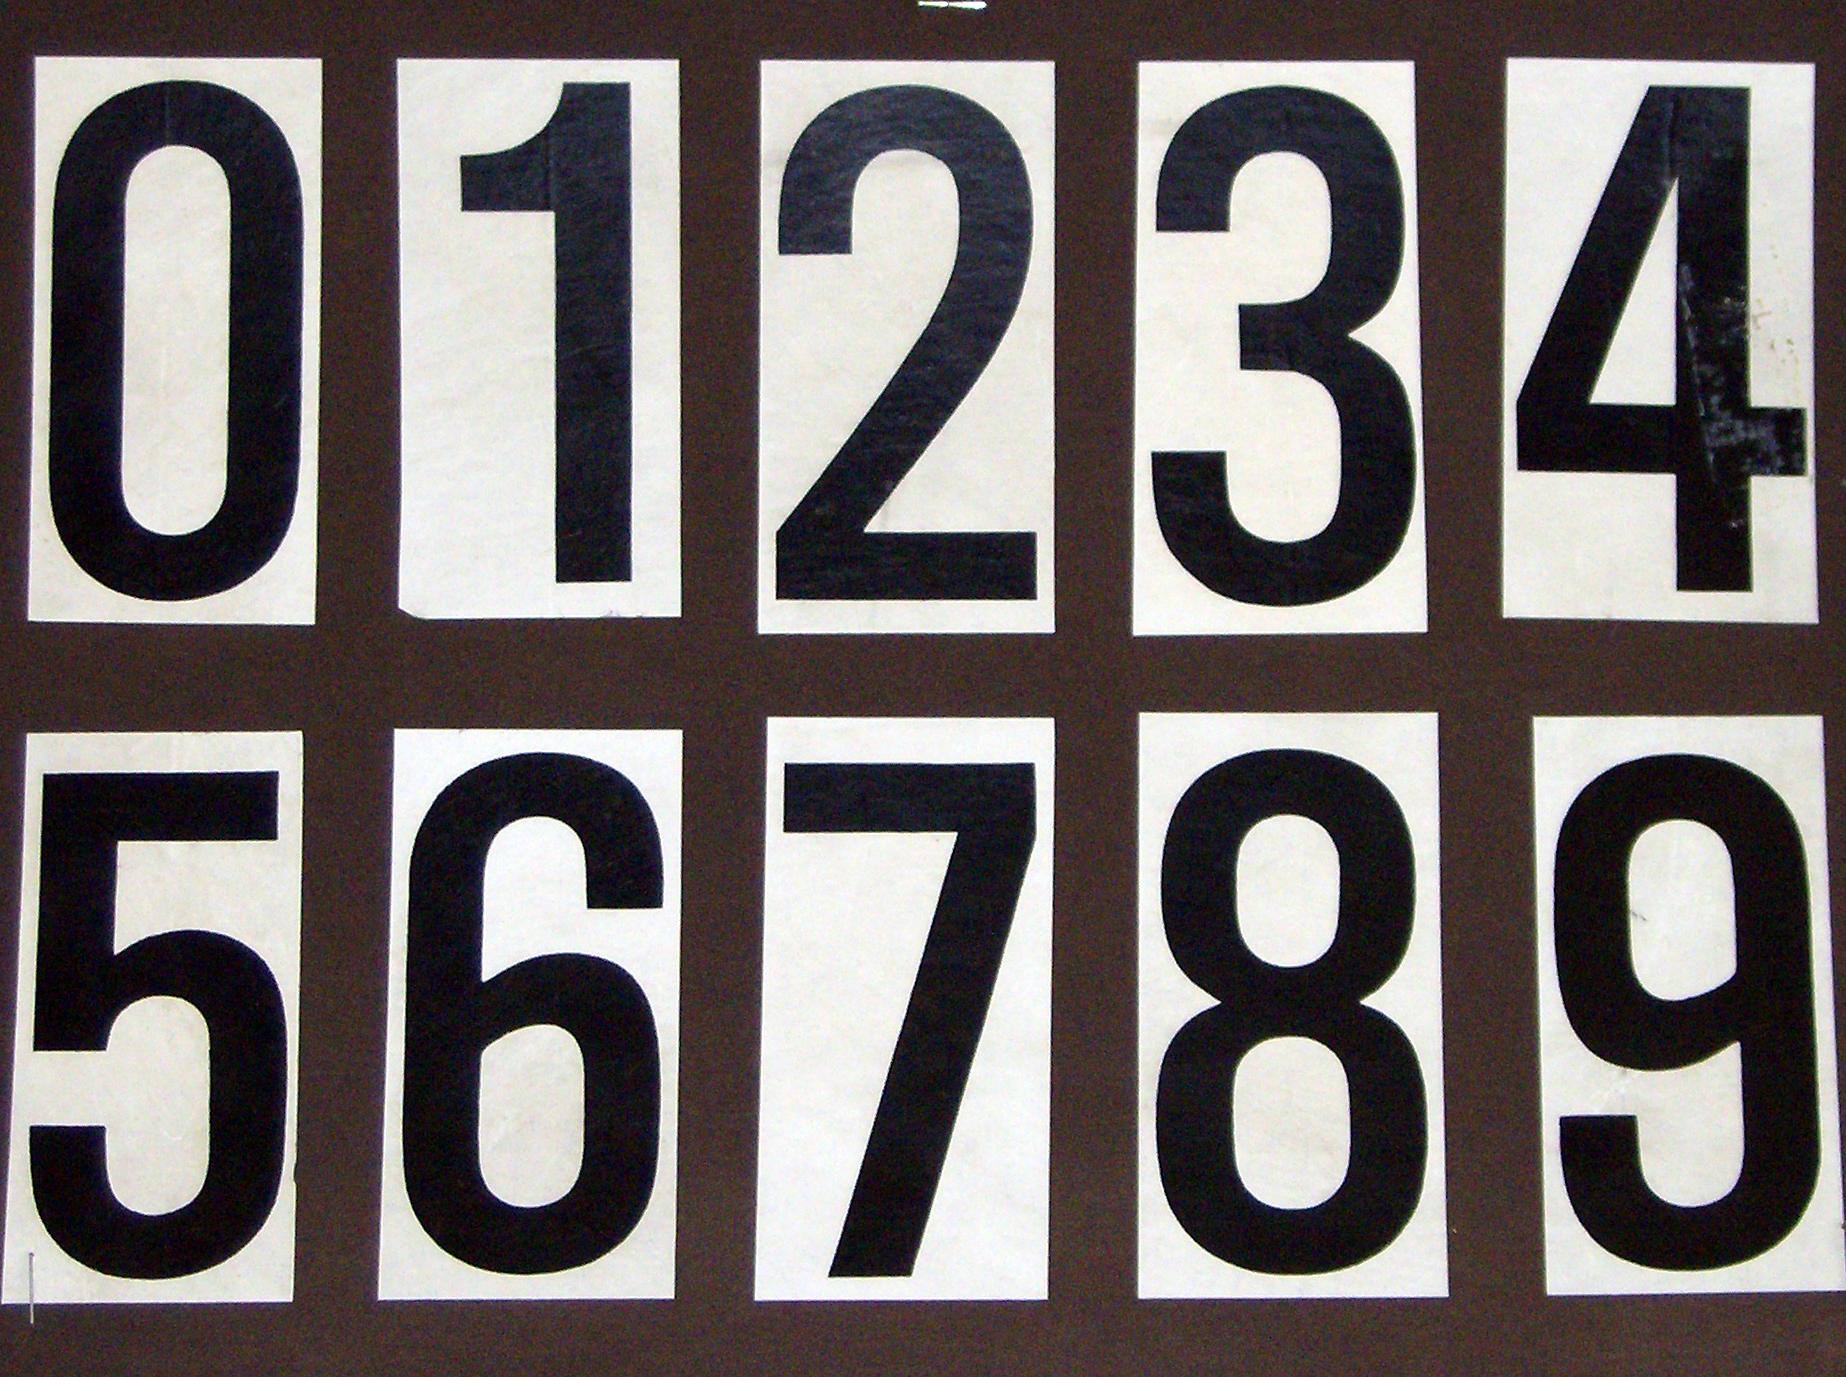 para carteles numeros adheribles que sirven para formar el numero de